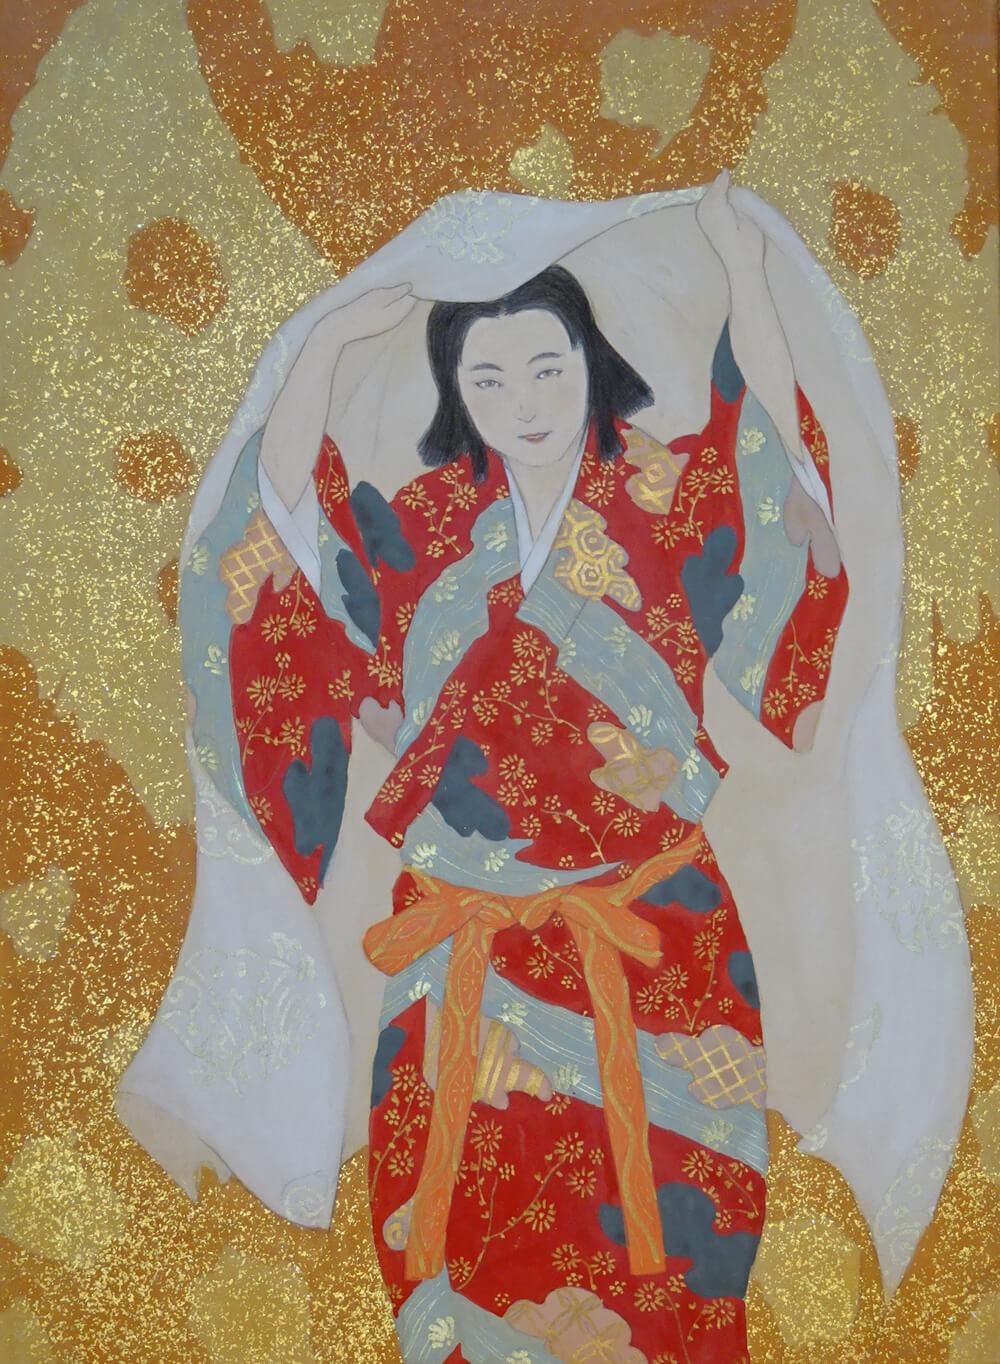 2020年9月11日から開催の「武者を描く 阪野 智啓 日本画展」の阪野智啓の作品2